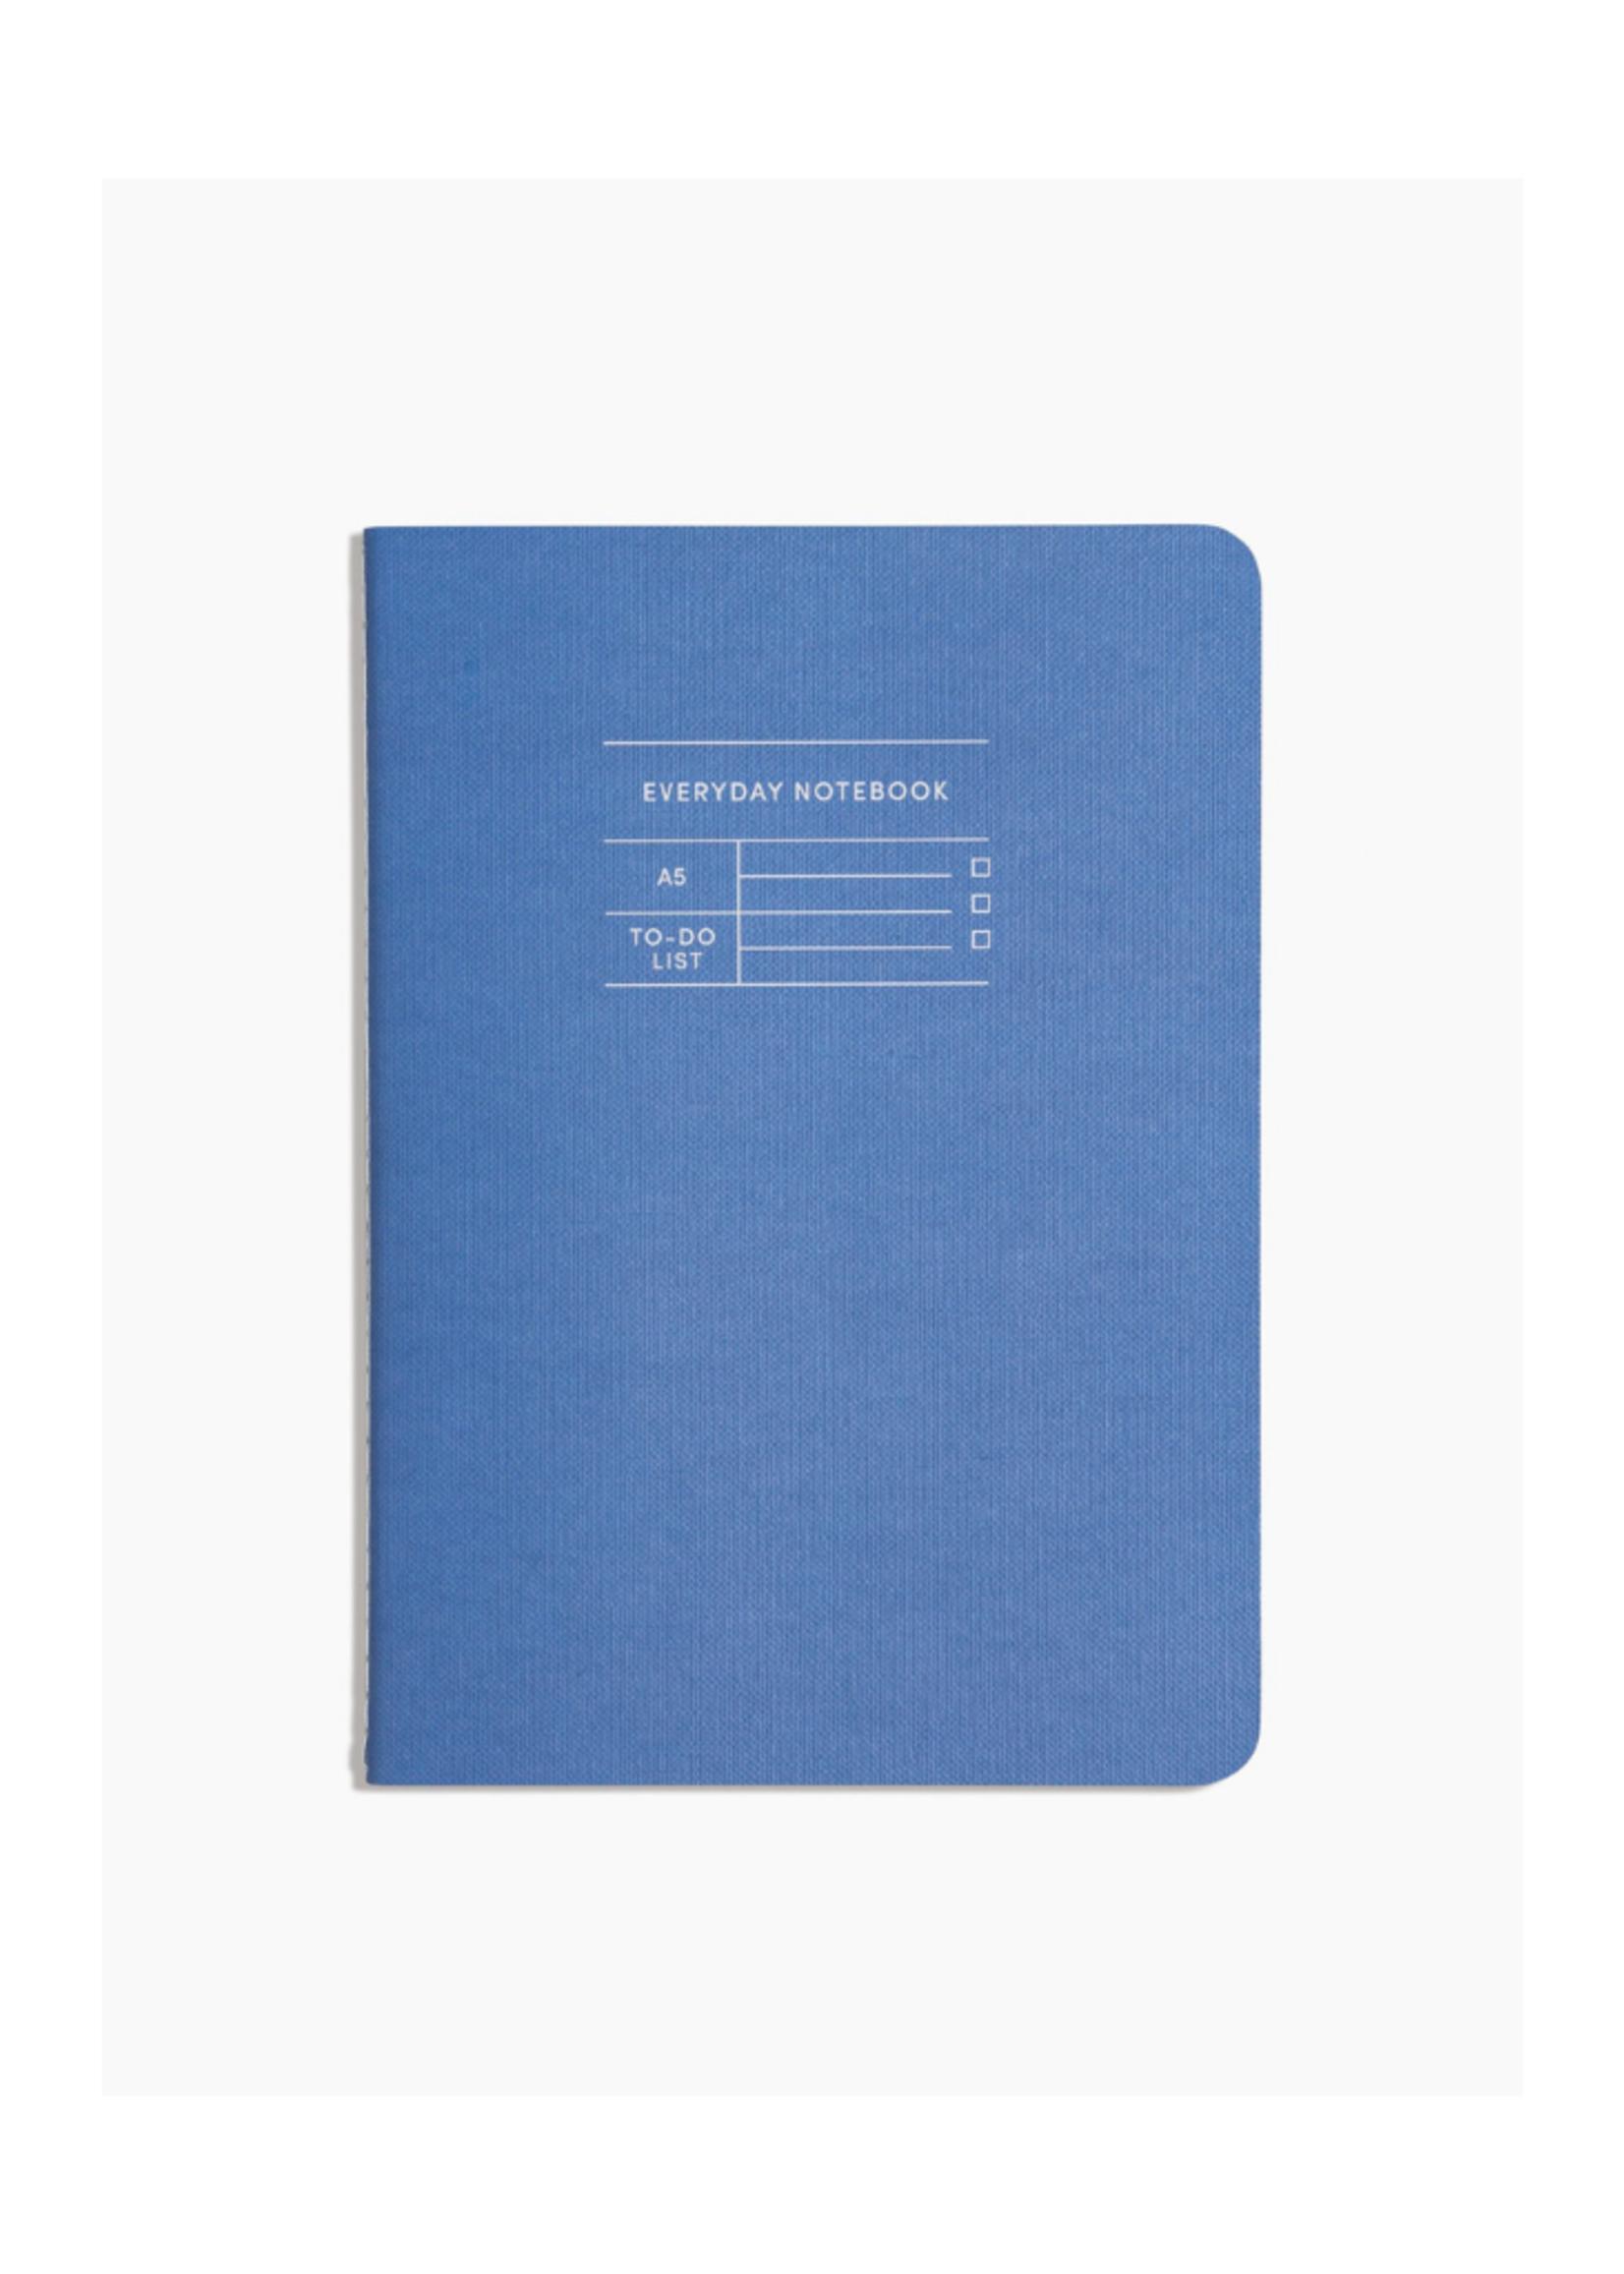 Poketo Everyday Notebook To Do